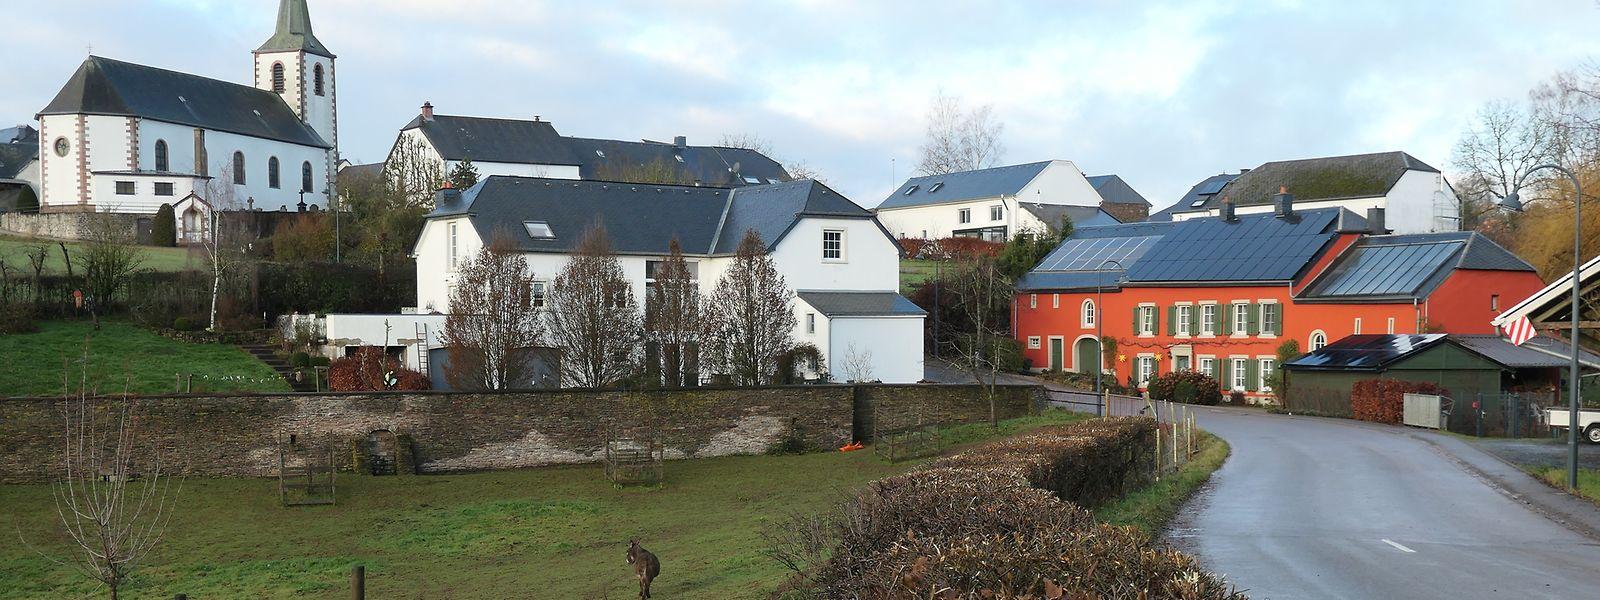 Die Gemeinden Wahl und Grosbous kämen nach einer Fusion gemeinsam auf rund 2.100 Einwohner.